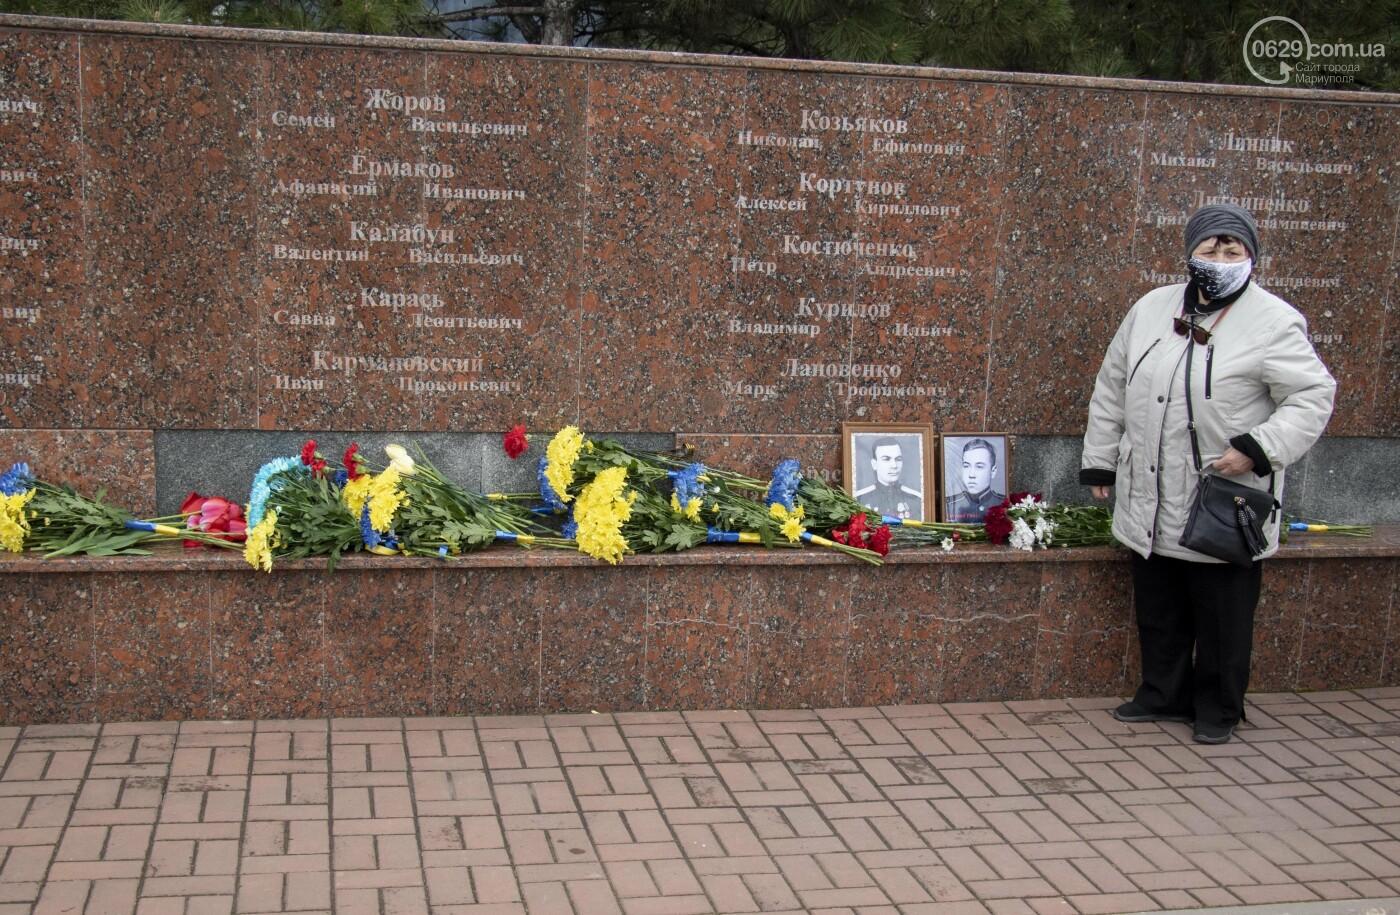 День Победы! В Мариуполе возложили цветы к памятнику  Воинам-освободителям, - ФОТО , фото-1